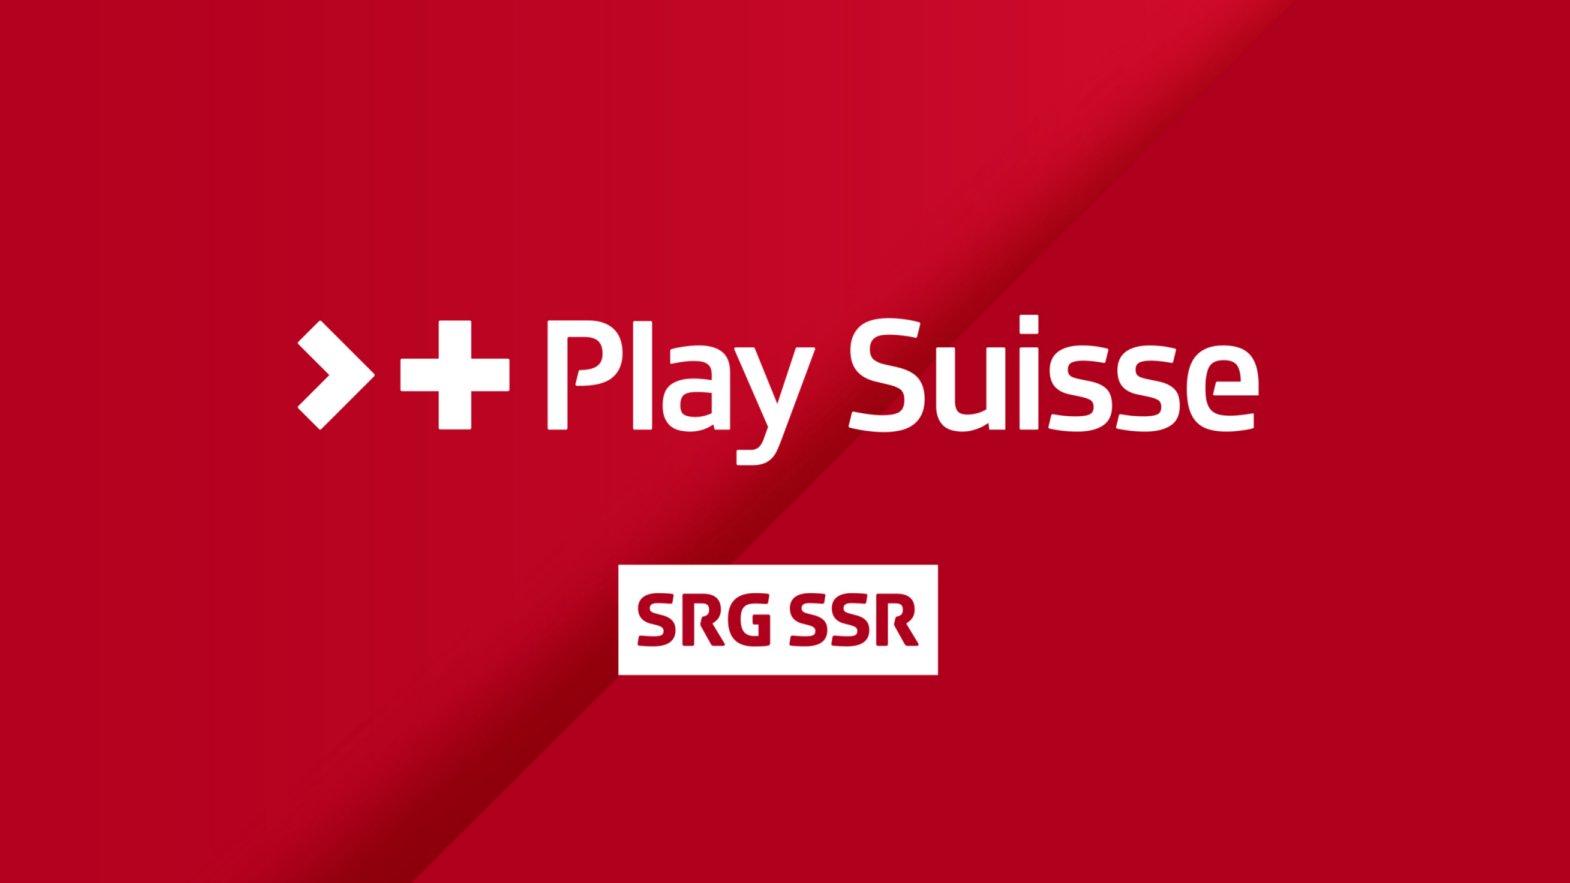 Play Suisse, la nuova piattaforma di streaming SSR dal 7 novembre